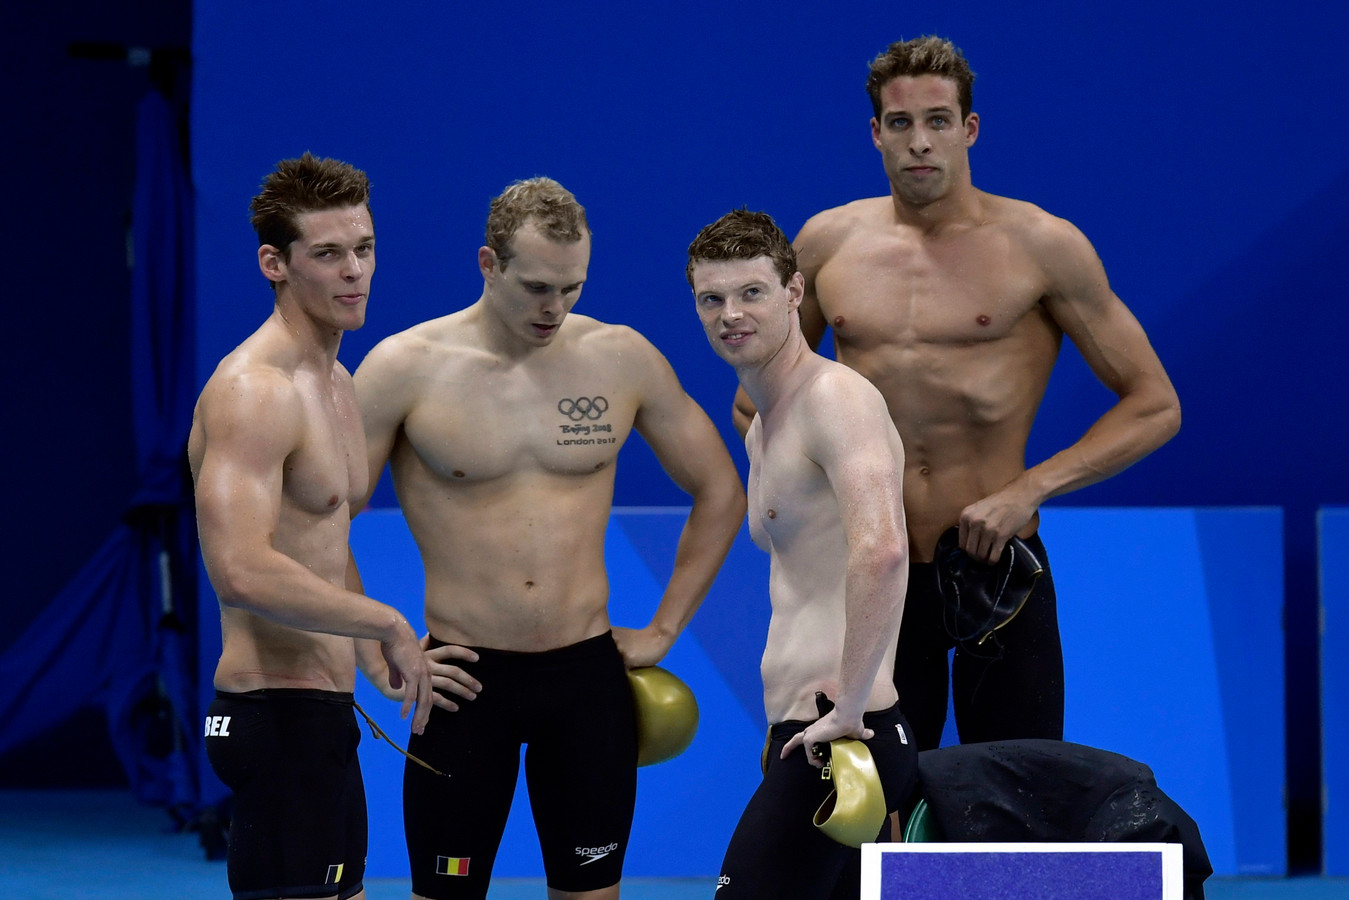 Dieter Dekoninck, Glenn Surgeloose, Louis Croenen en Pieter Timmers waren in Rio de Belgische aflossingsploeg op de 4x200m.